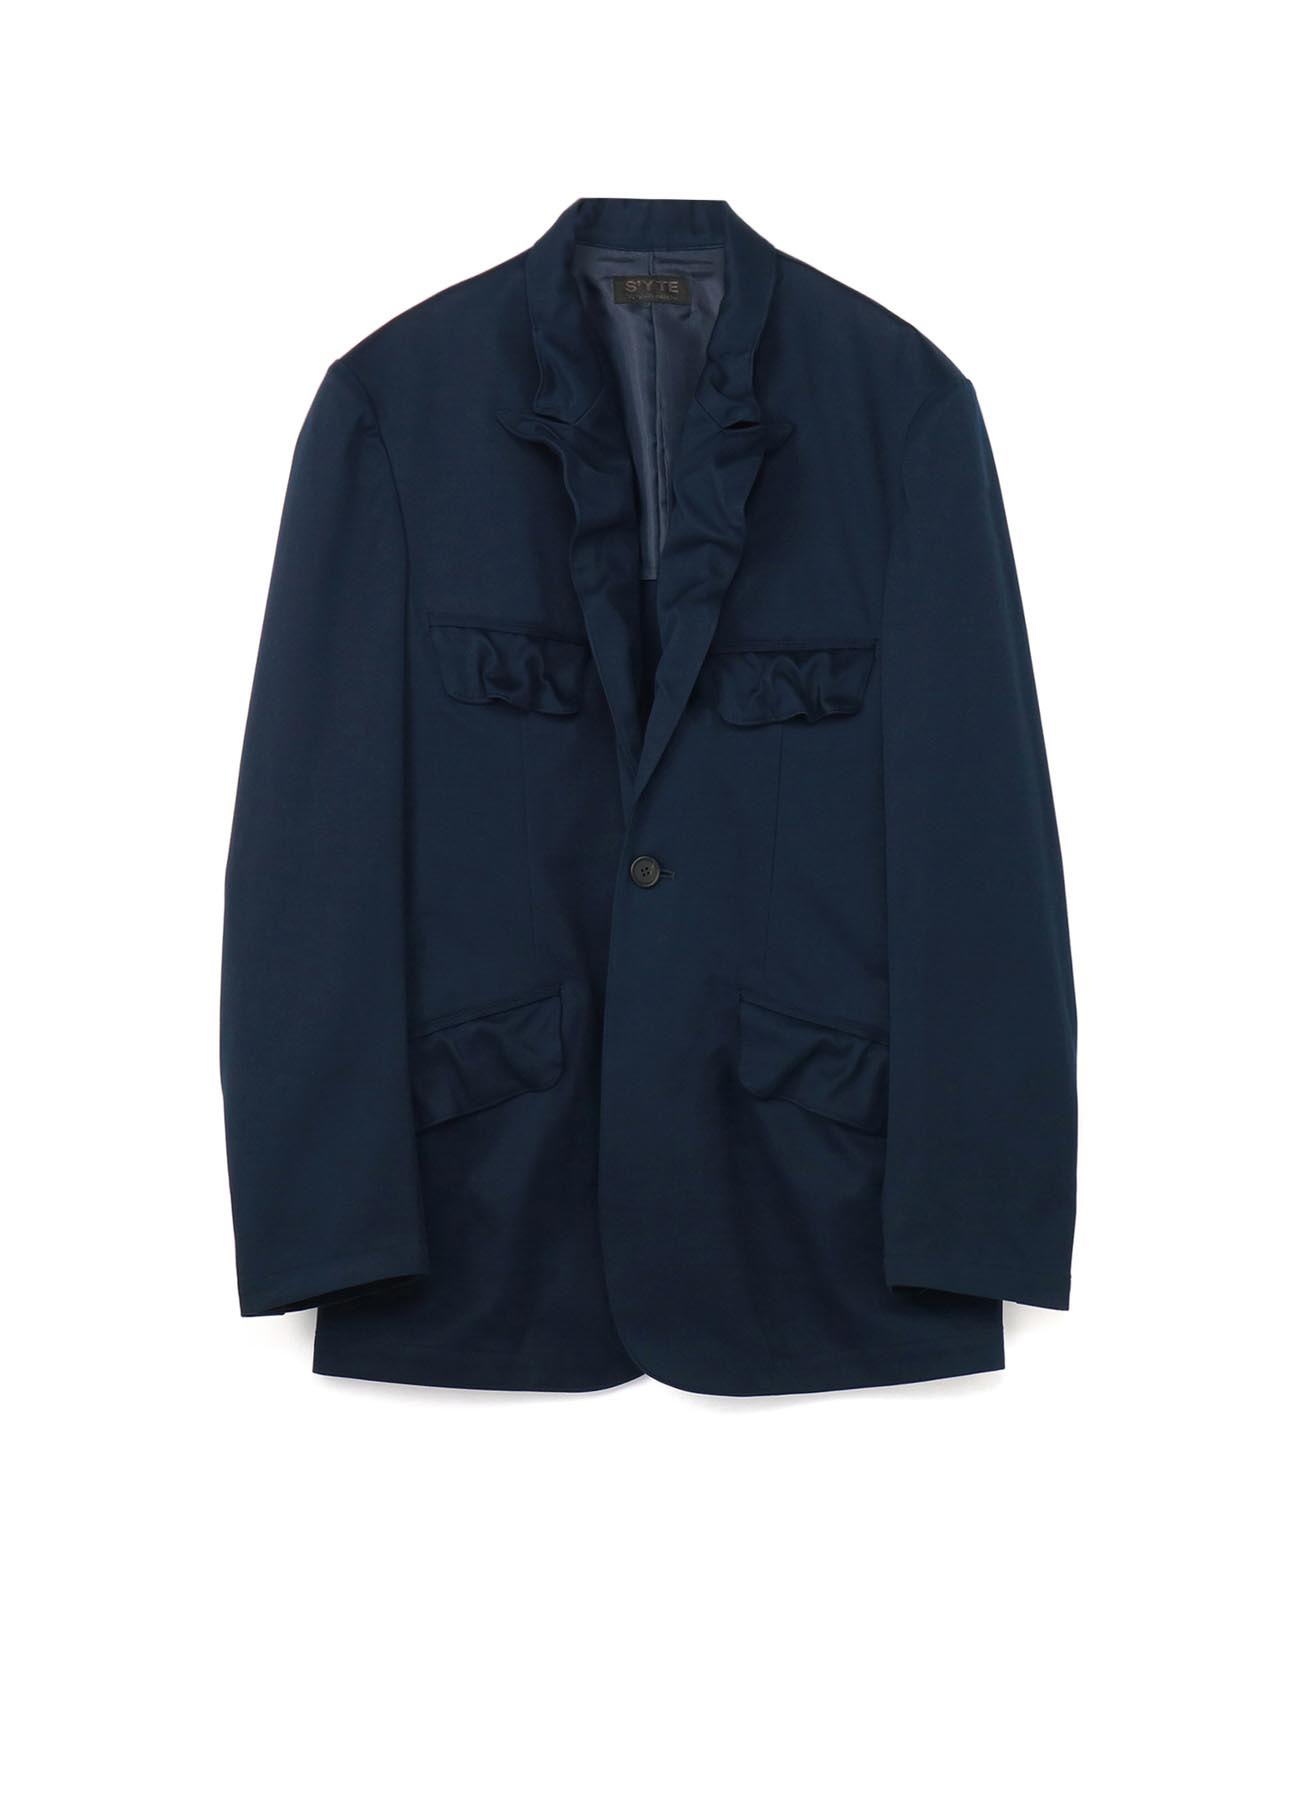 C/ Brushed Eased Seam 1BS Peak Jacket